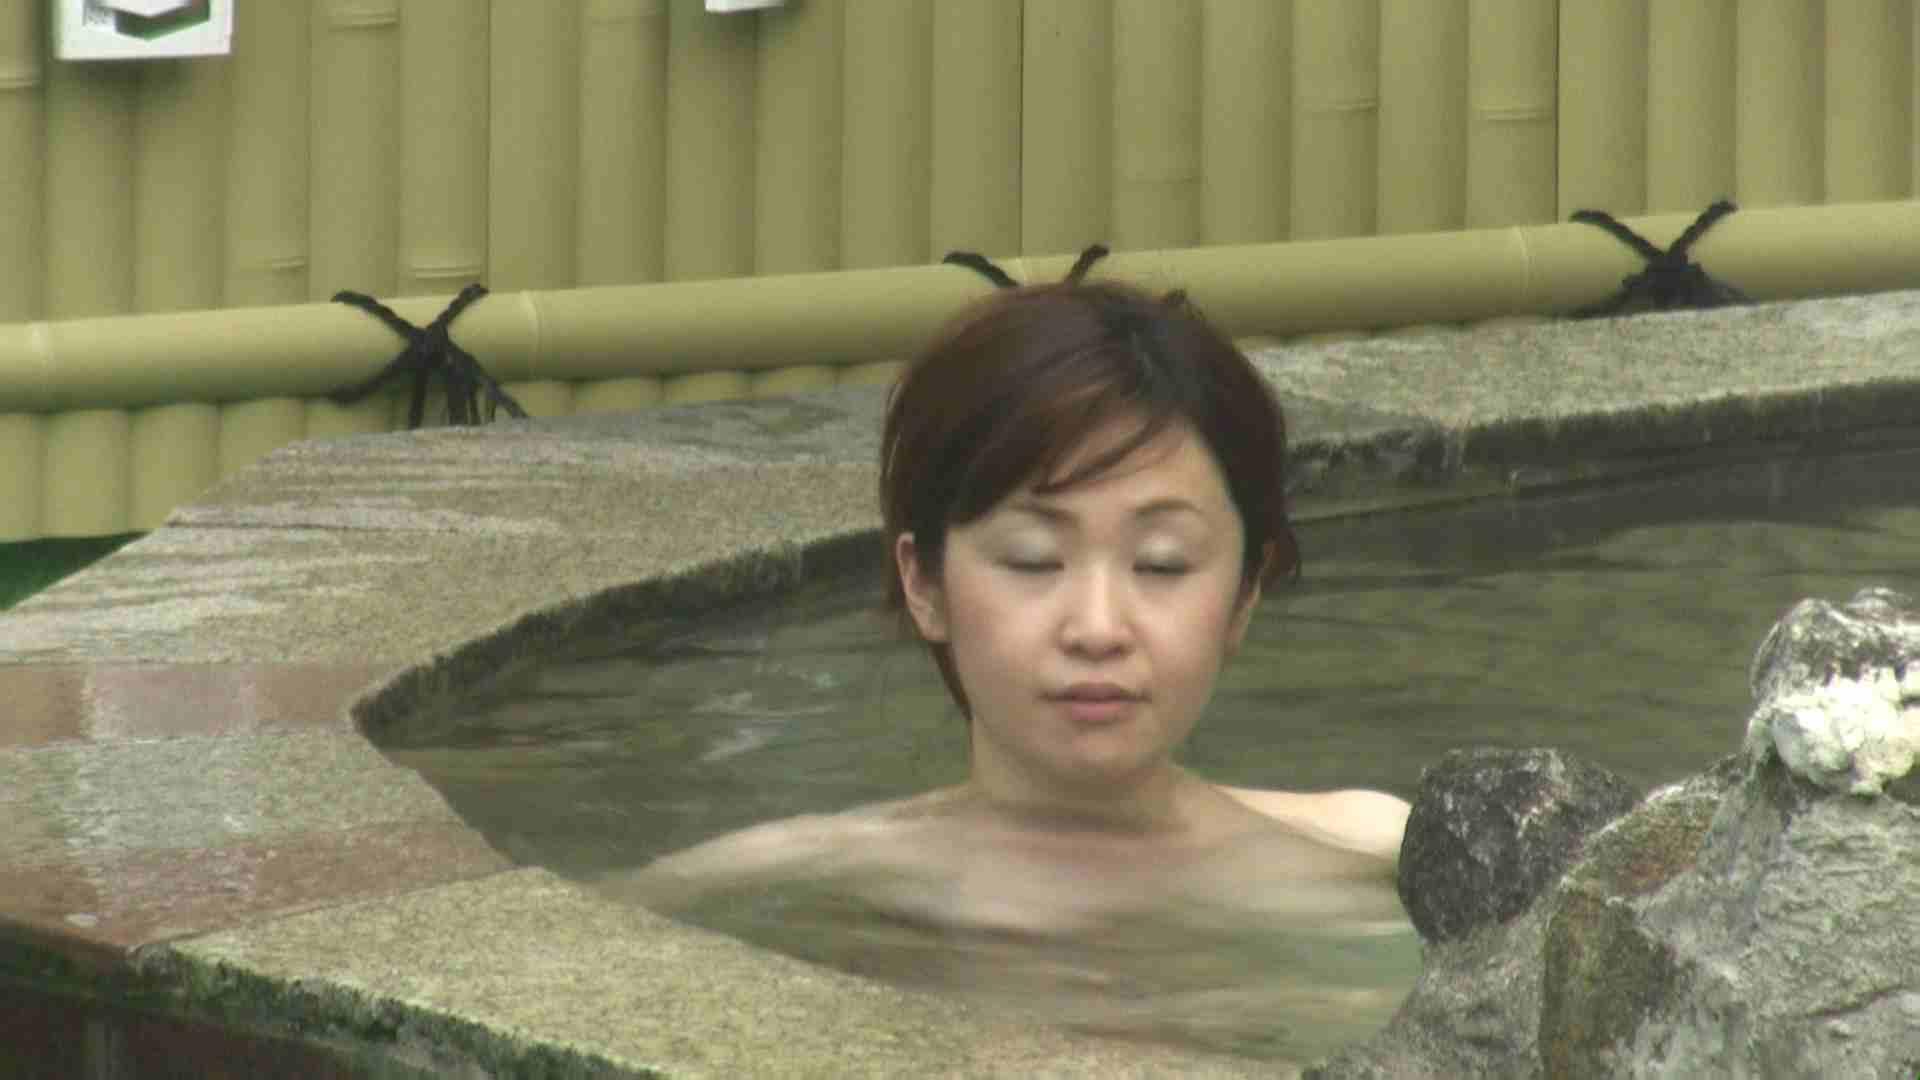 高画質露天女風呂観察 vol.033 望遠 AV動画キャプチャ 57画像 41